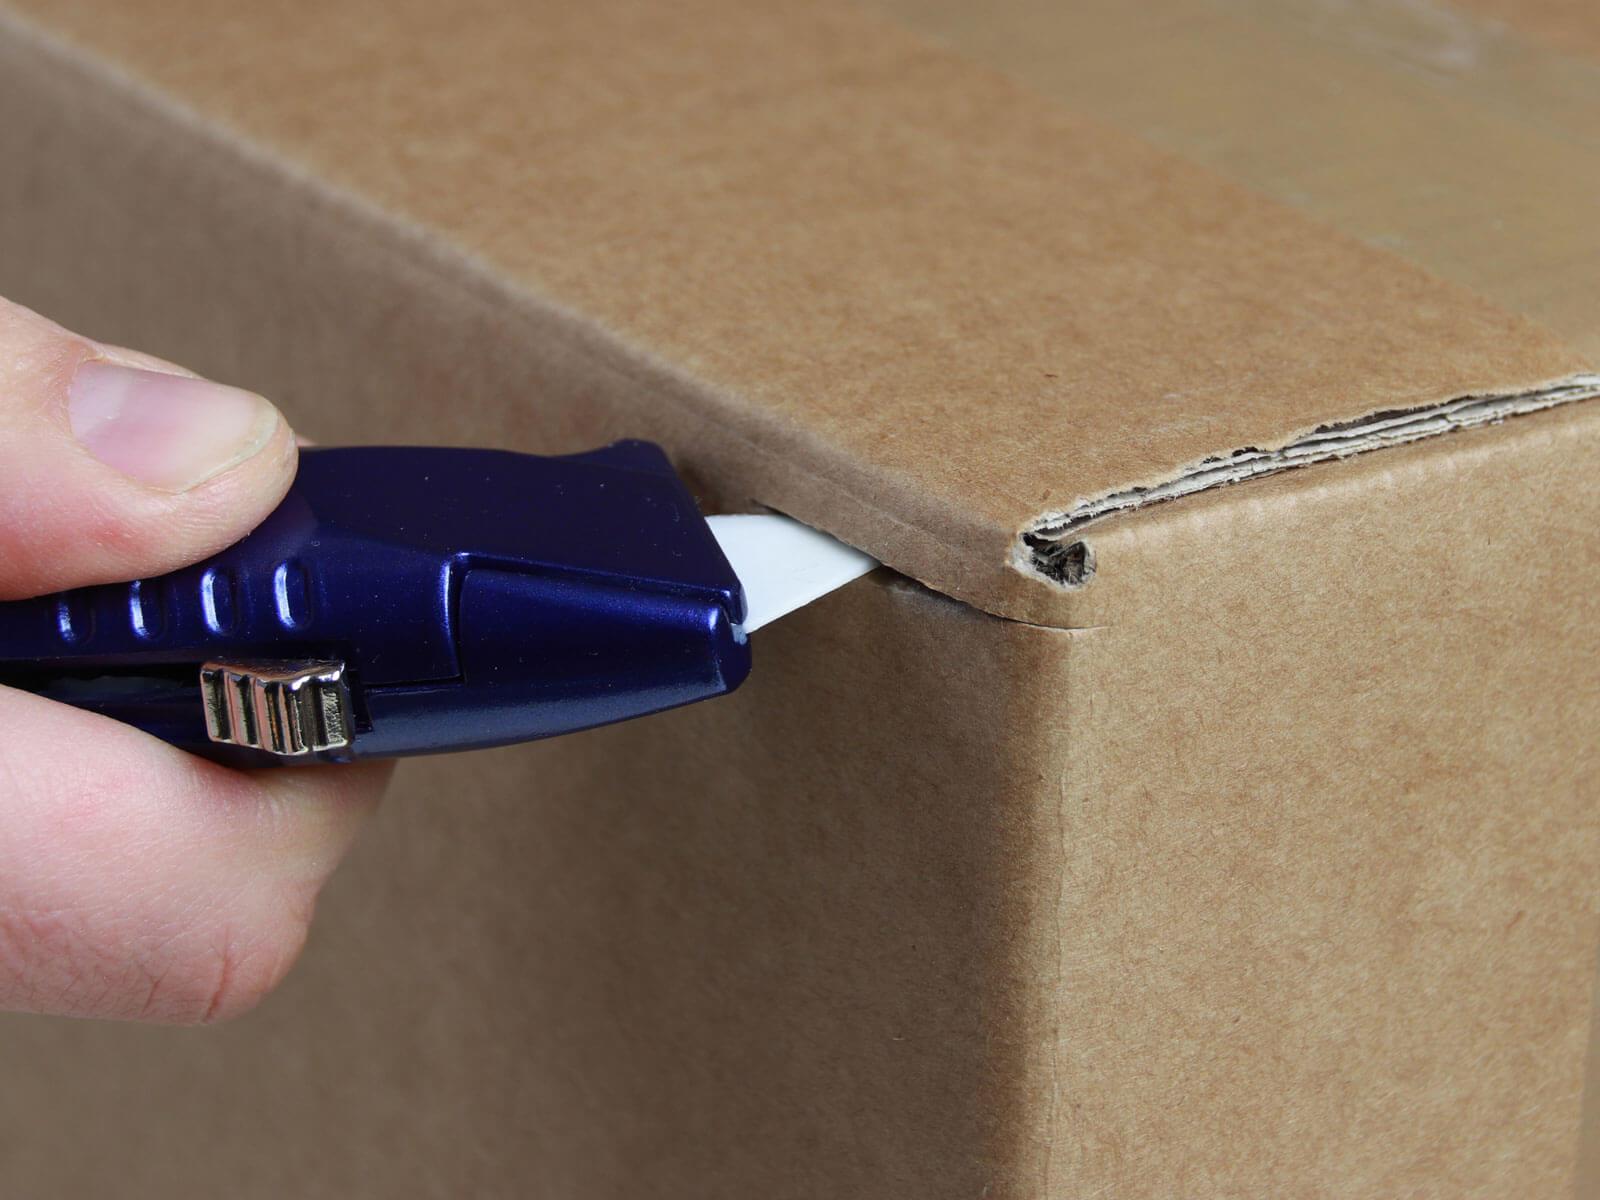 U018K Keramik Sicherheitsmesser manuell Klingenrückzug Karton schneiden abdeckeln CURT-tools